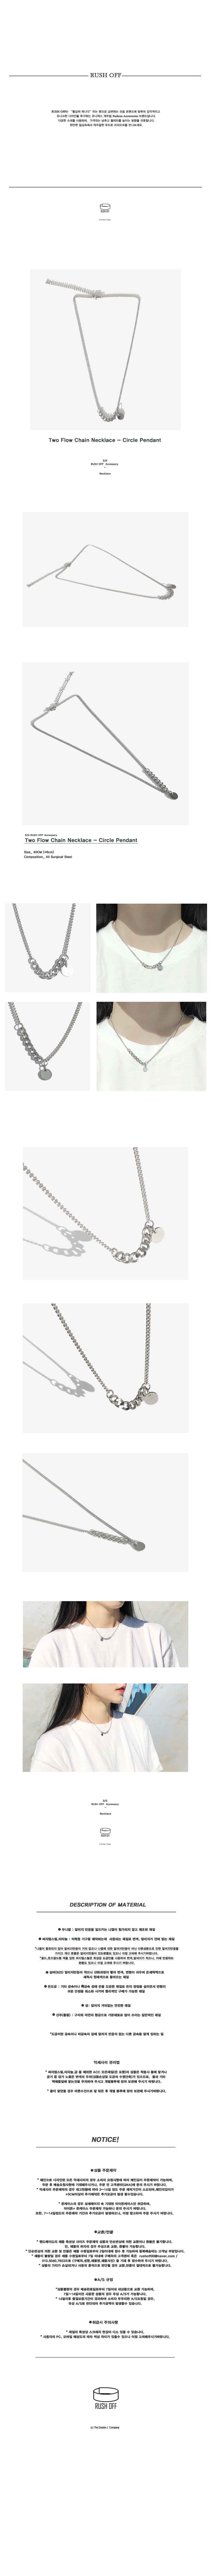 써지컬스틸 투플로우 체인 목걸이 - 써클펜던트 - 러쉬오프, 15,900원, 실버, 펜던트목걸이